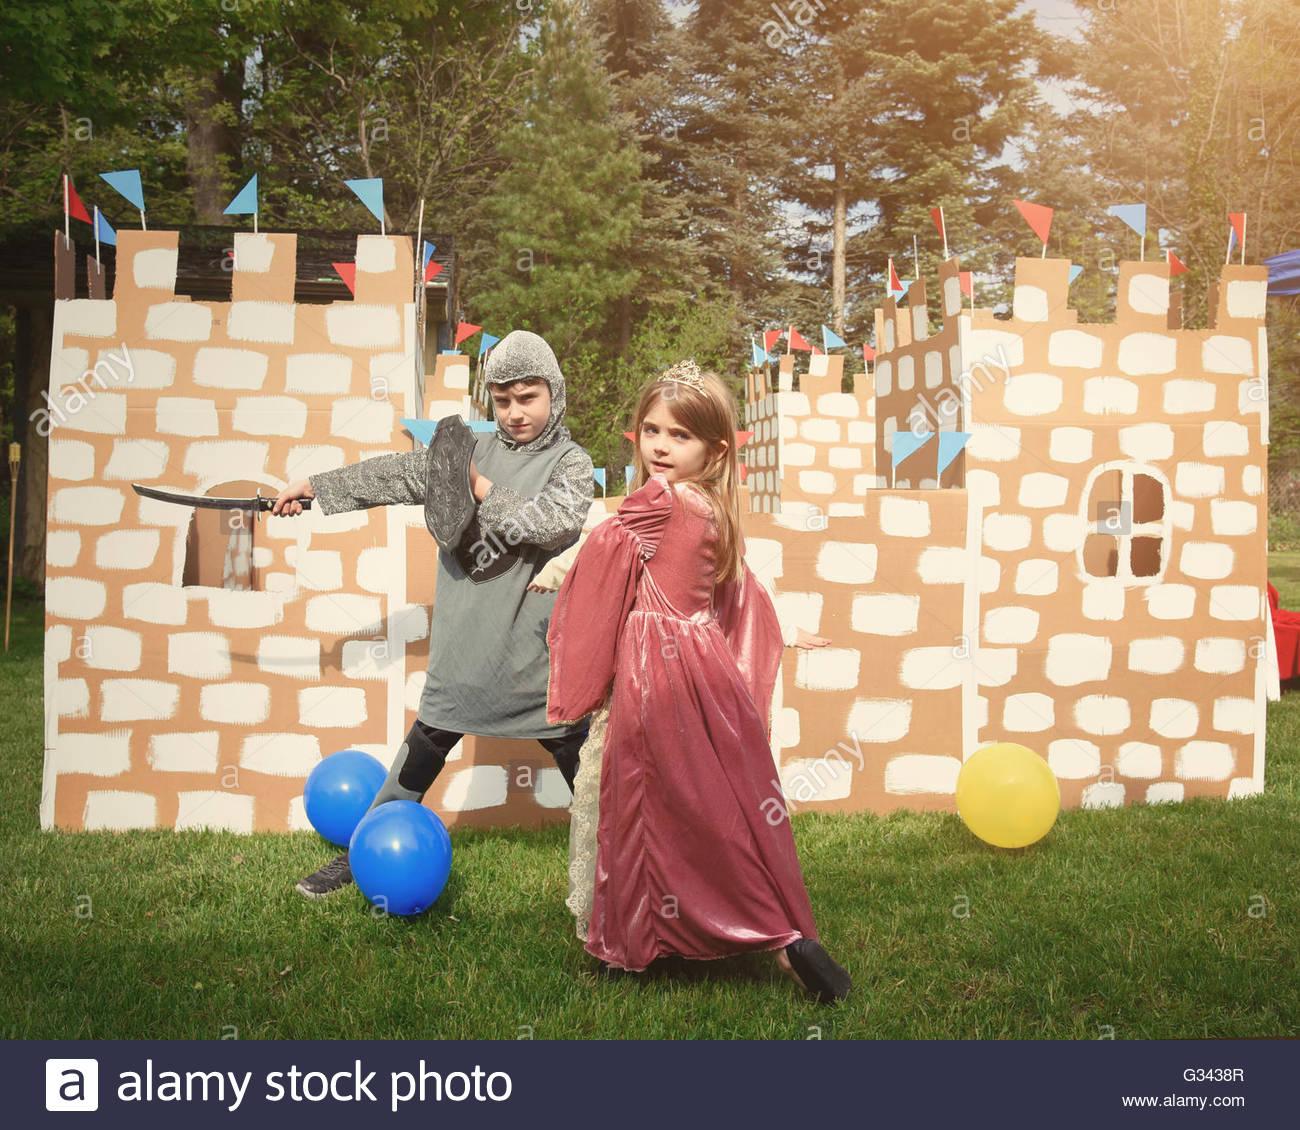 Los niños se visten con trajes de caballero y princesa en frente de un castillo de cartón caseros fuera Imagen De Stock